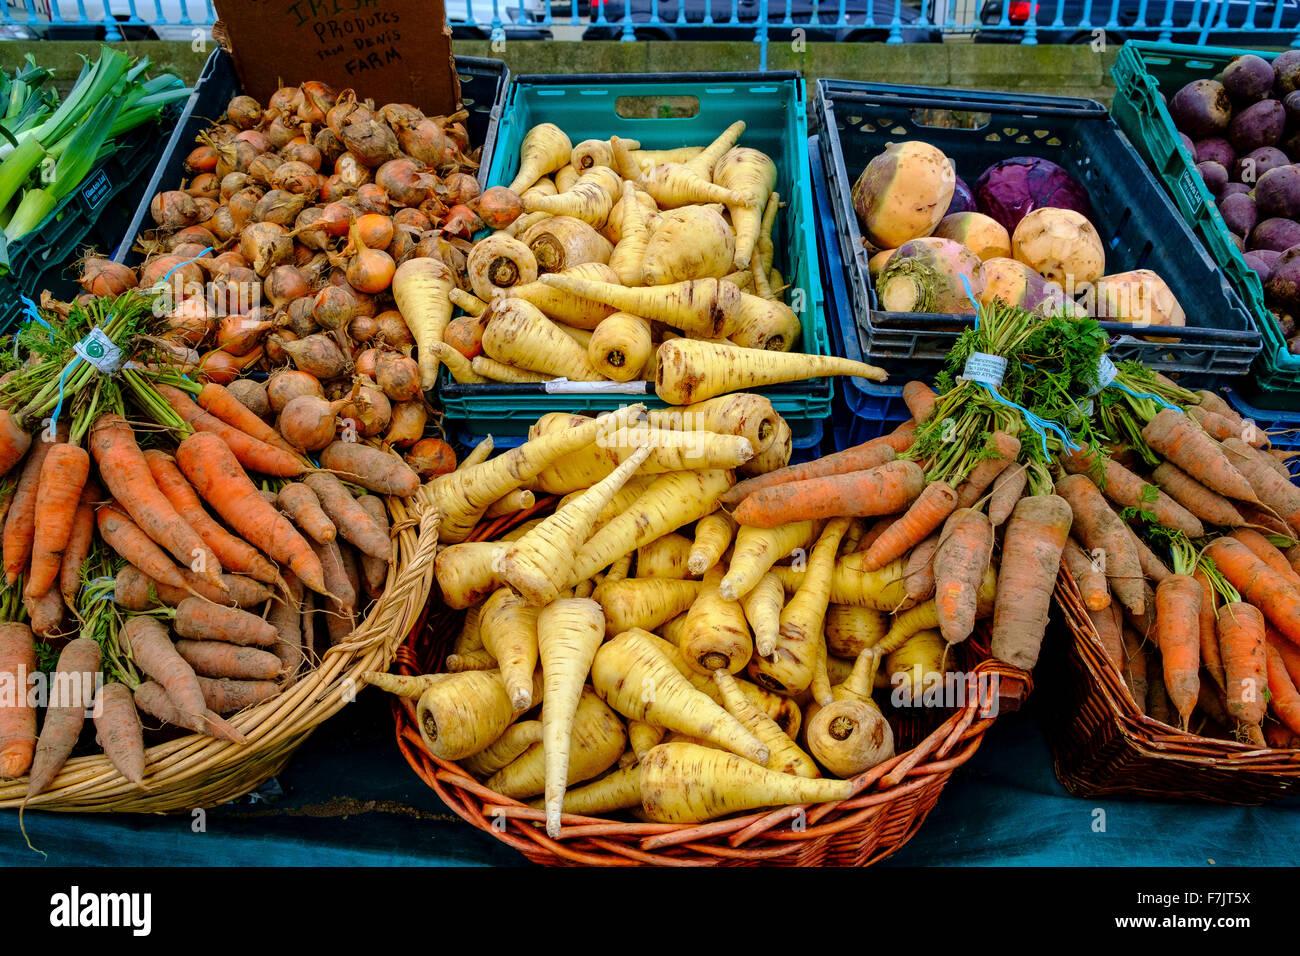 Las hortalizas de raíz la alcachofa sueco nabo cebolla zanahoria Imagen De Stock